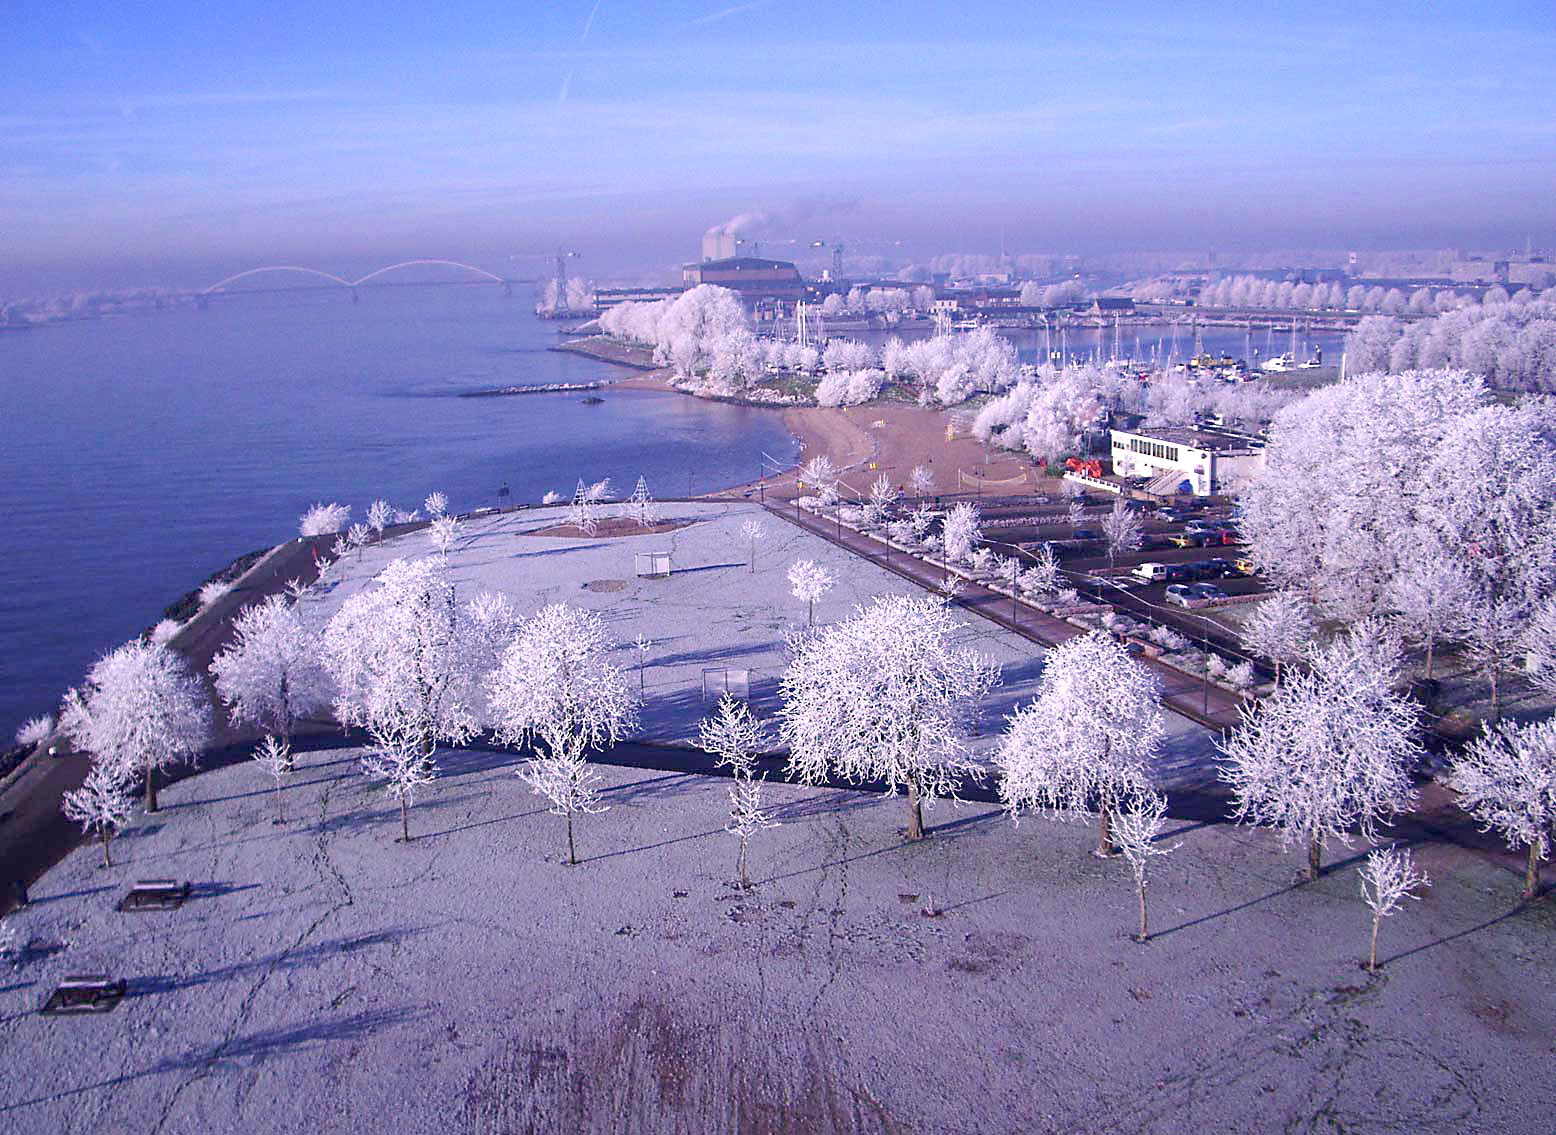 foto van bovenaf van sneeuwlandschap bij water met bruggen in de verte